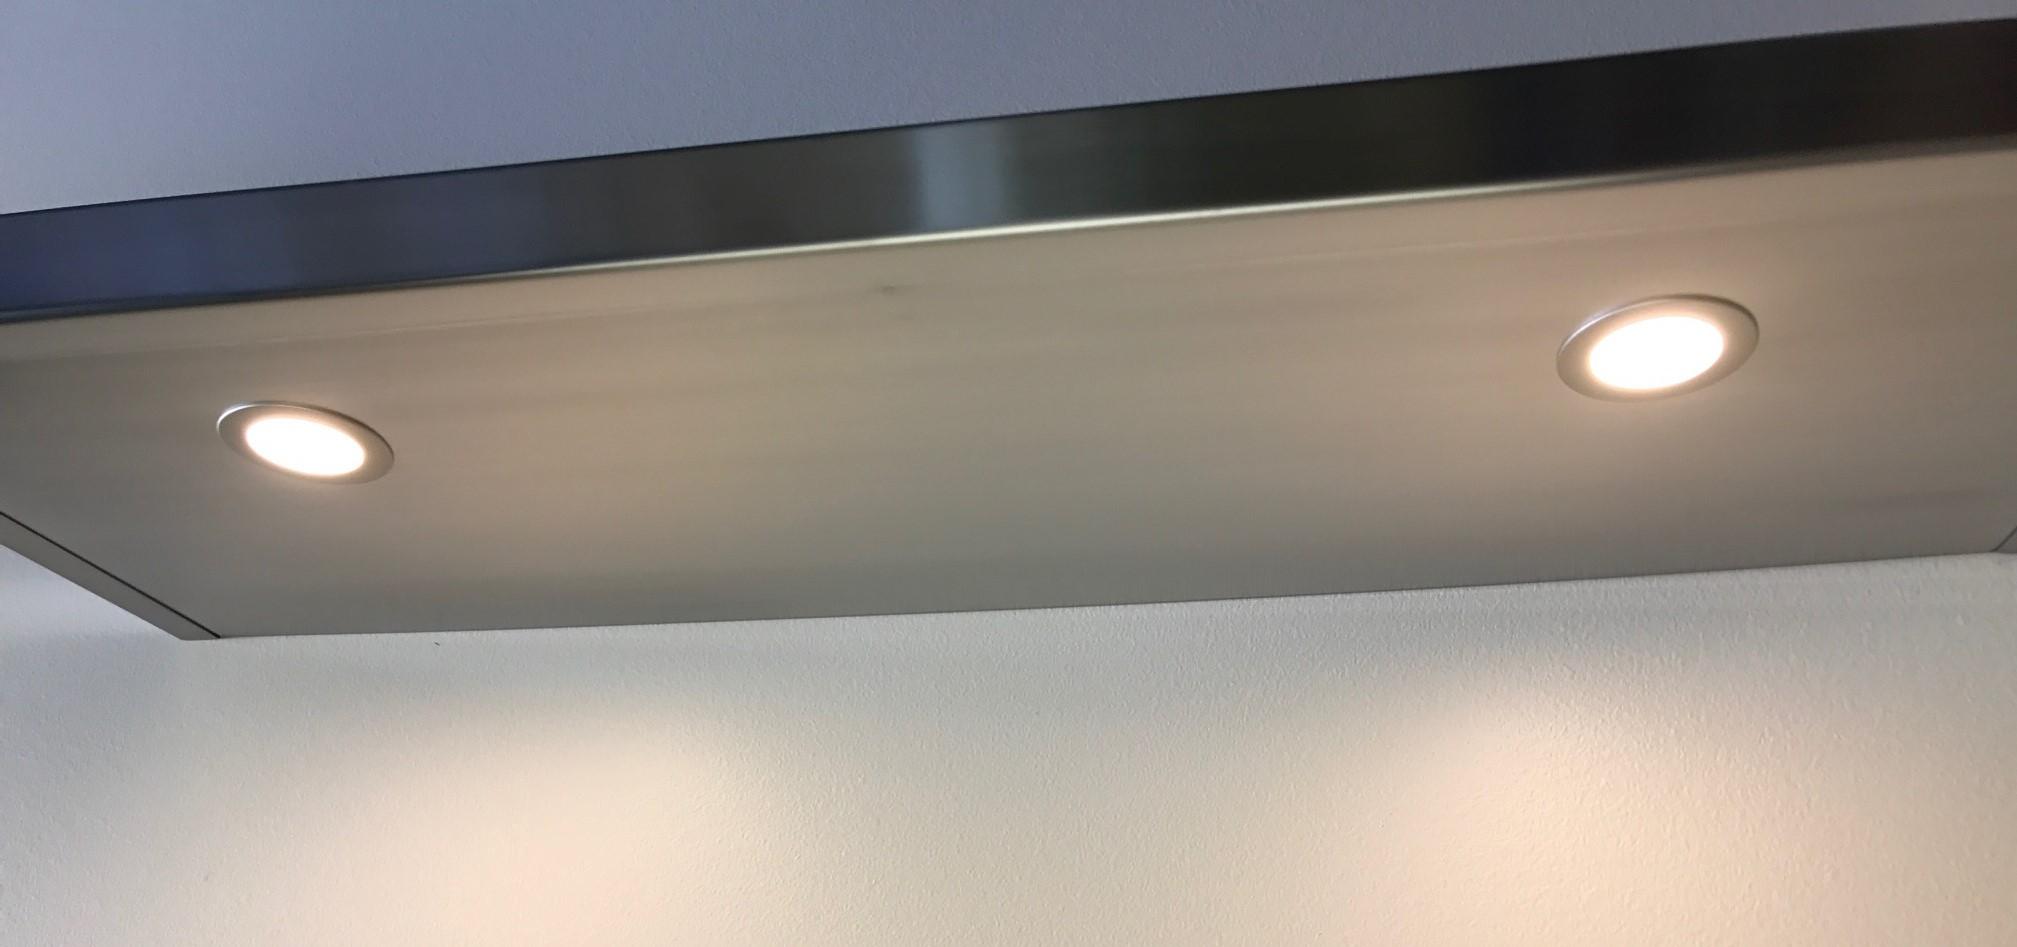 Floating Shelf Recessed Lighting Custom Floating Shelves